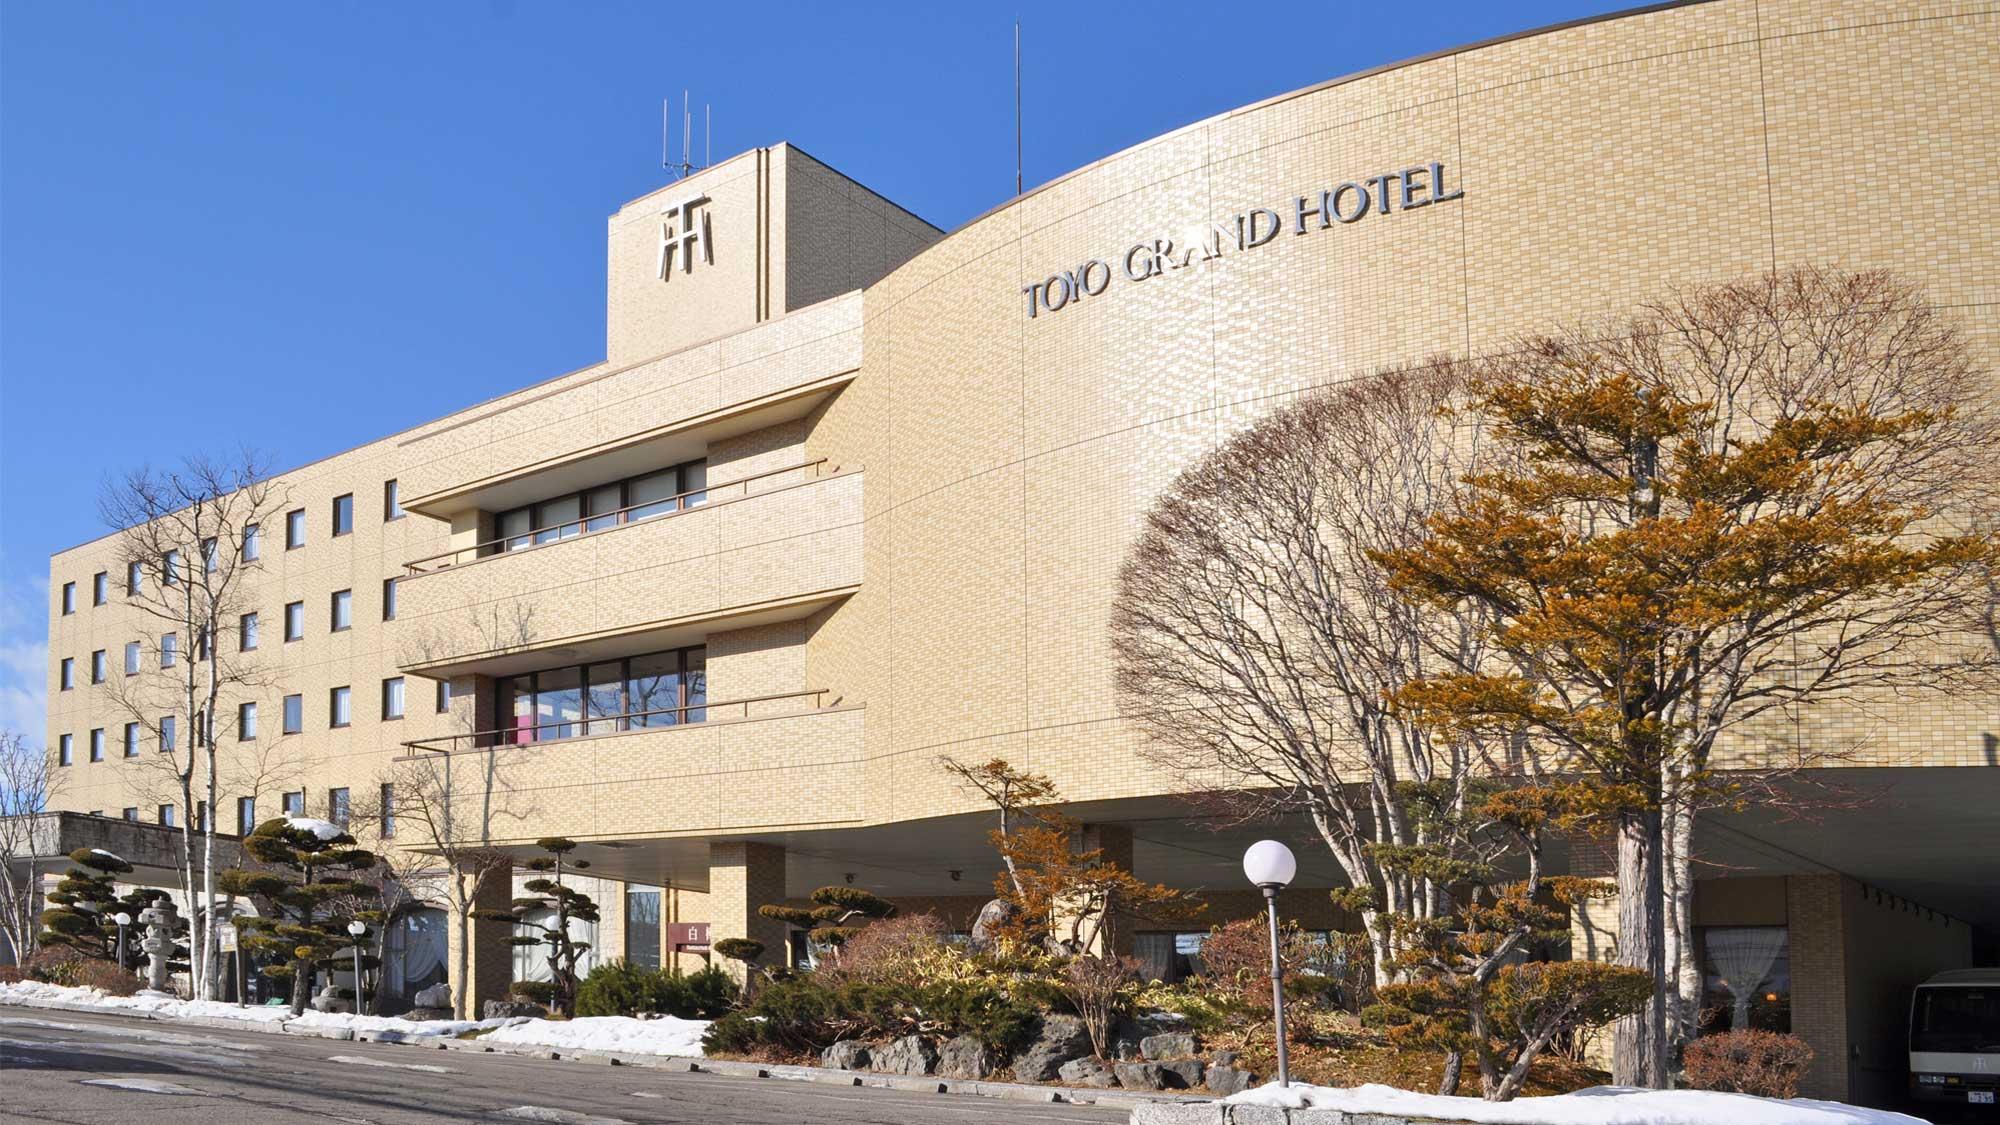 中標津温泉 トーヨーグランドホテル